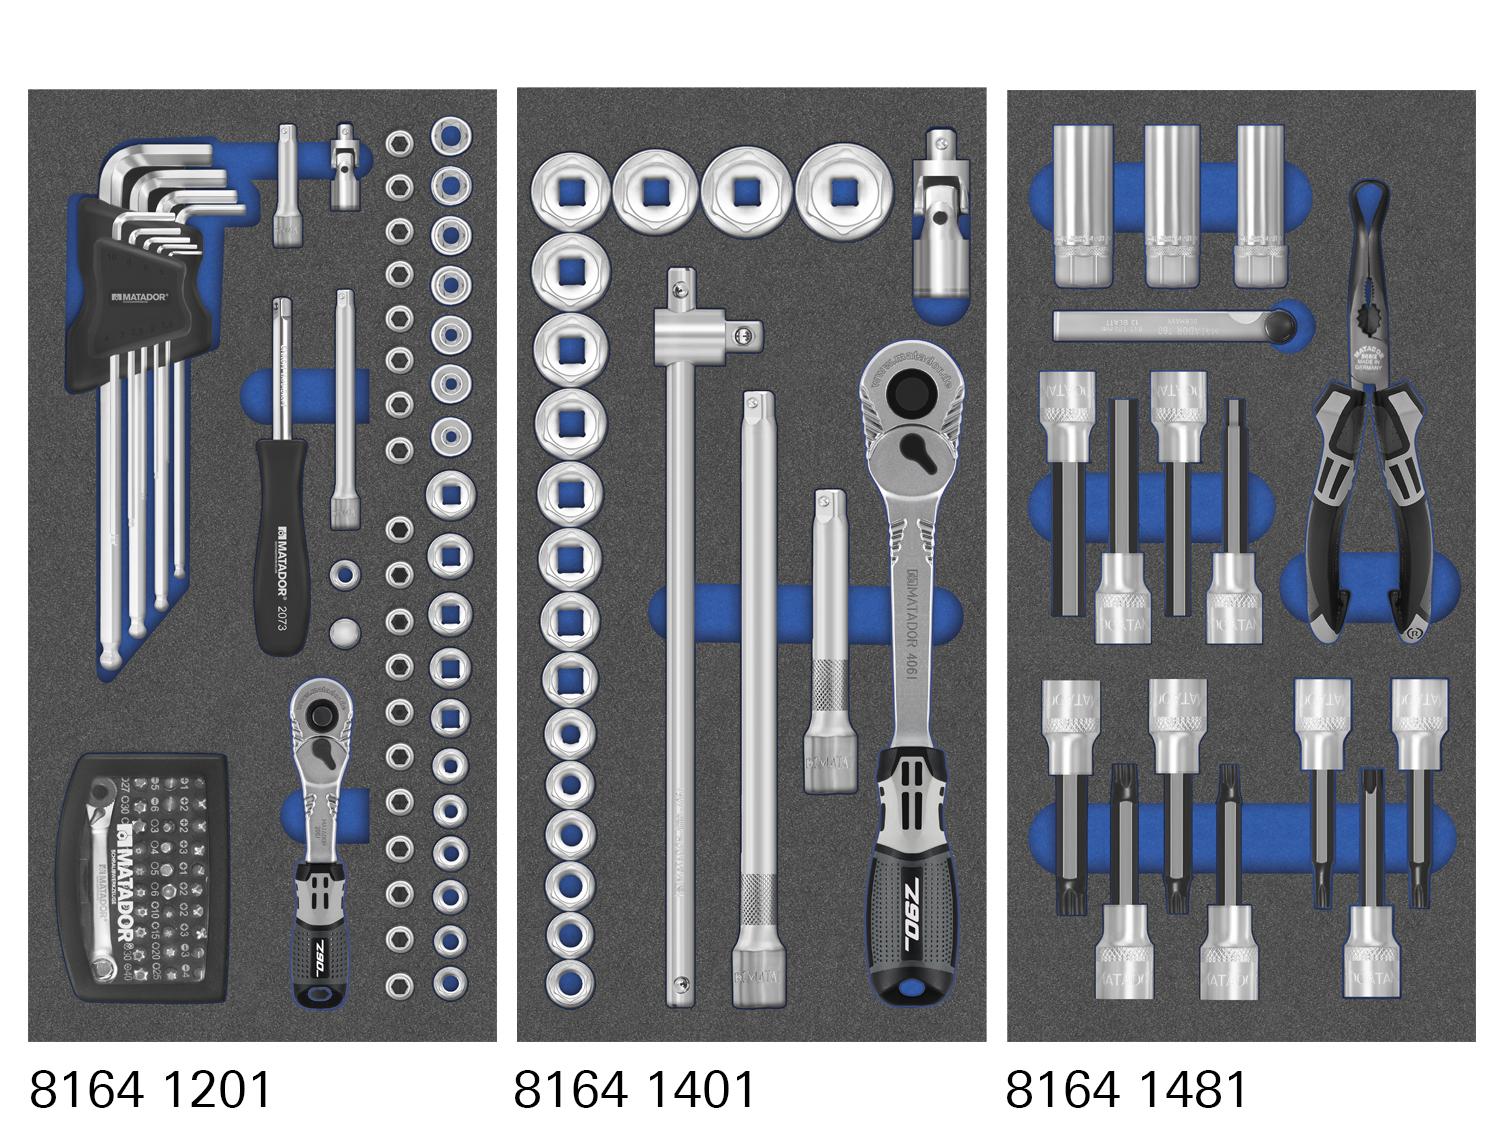 MTS-Modul mit Knarren- und Steckschlüsseleinsätzen.